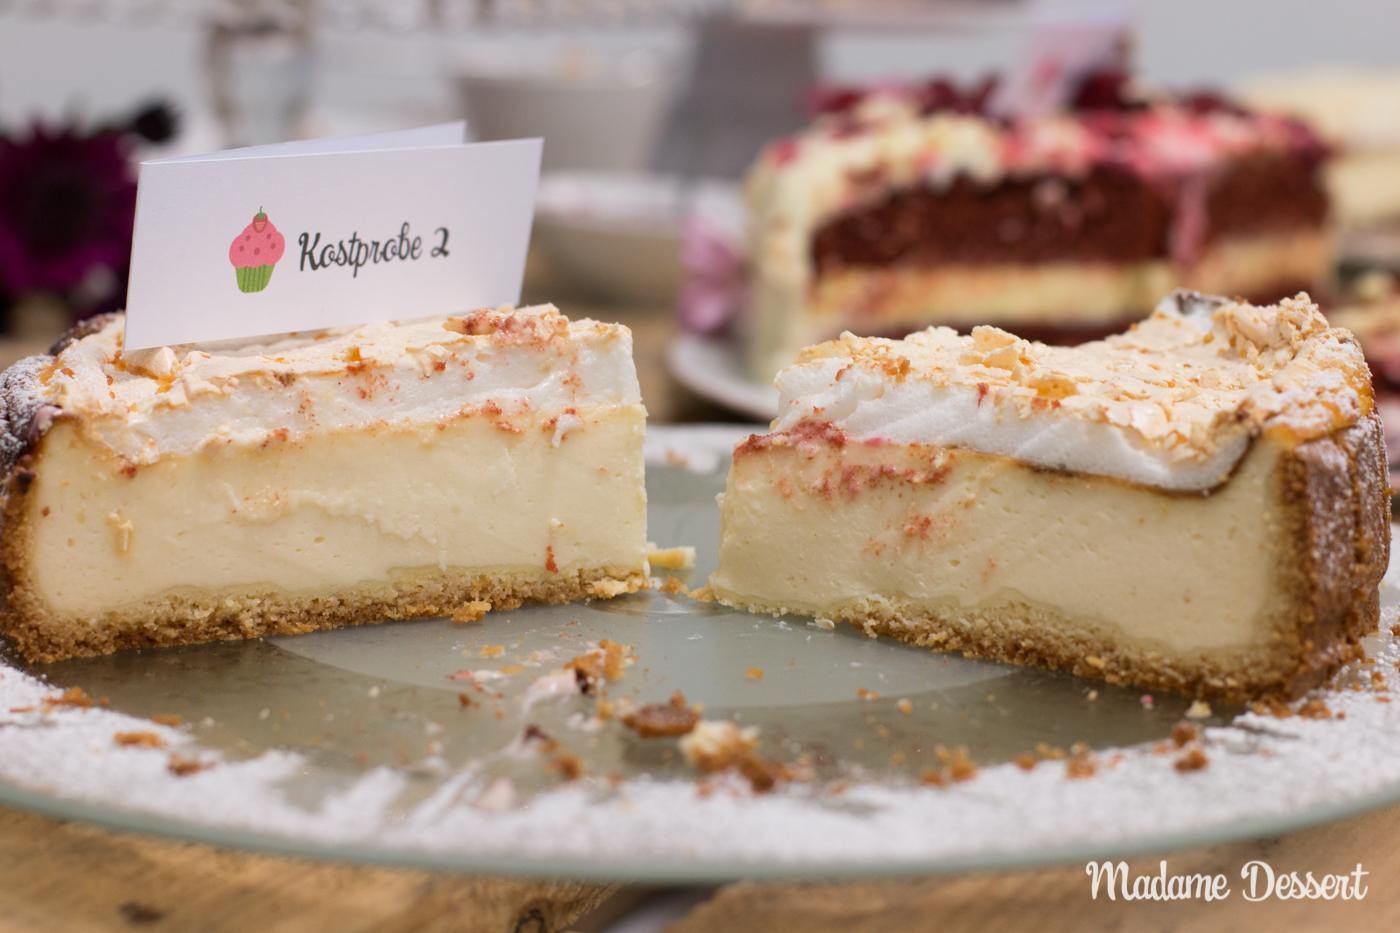 CheeseCakeOff – Käsekuchen & Cheesecake Variationen   Goldtröpfchen   Madame Dessert